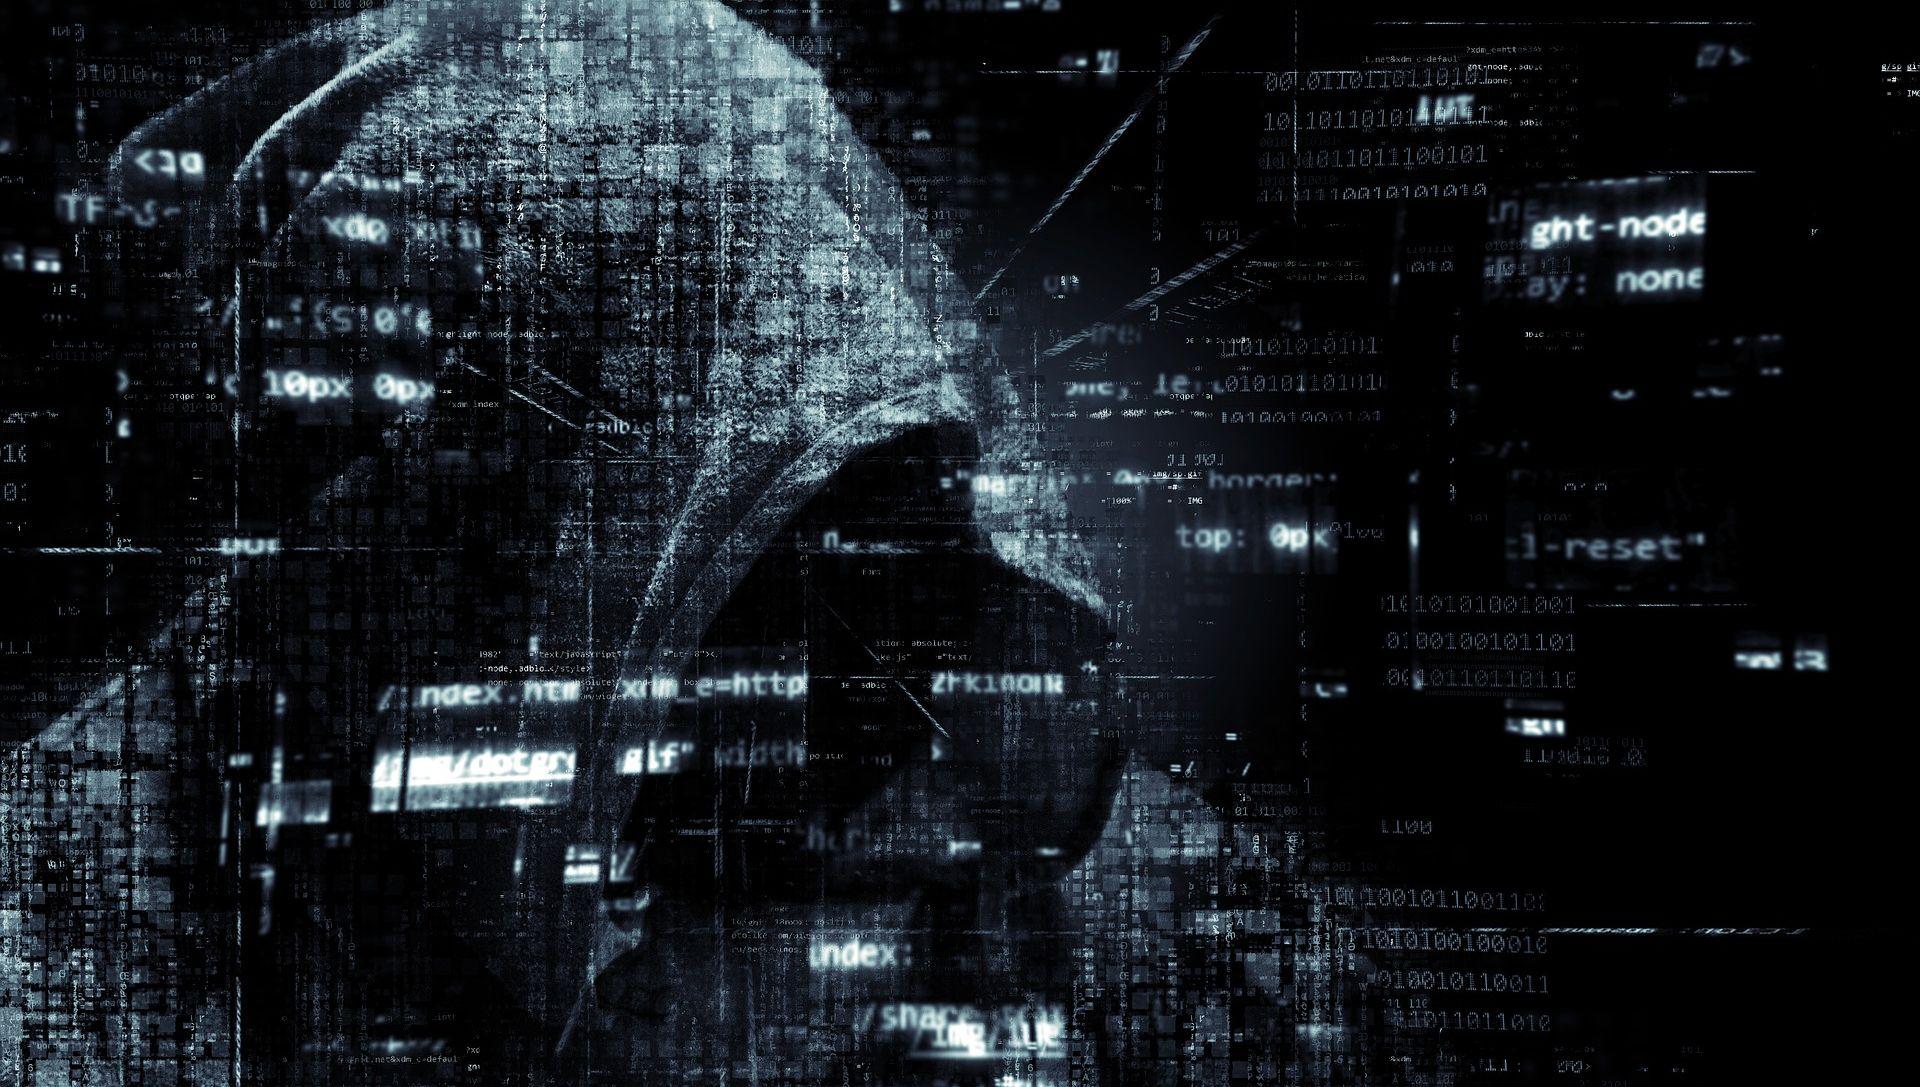 Iza globalnog kibernetičkog napada stoji Sjeverna Koreja?